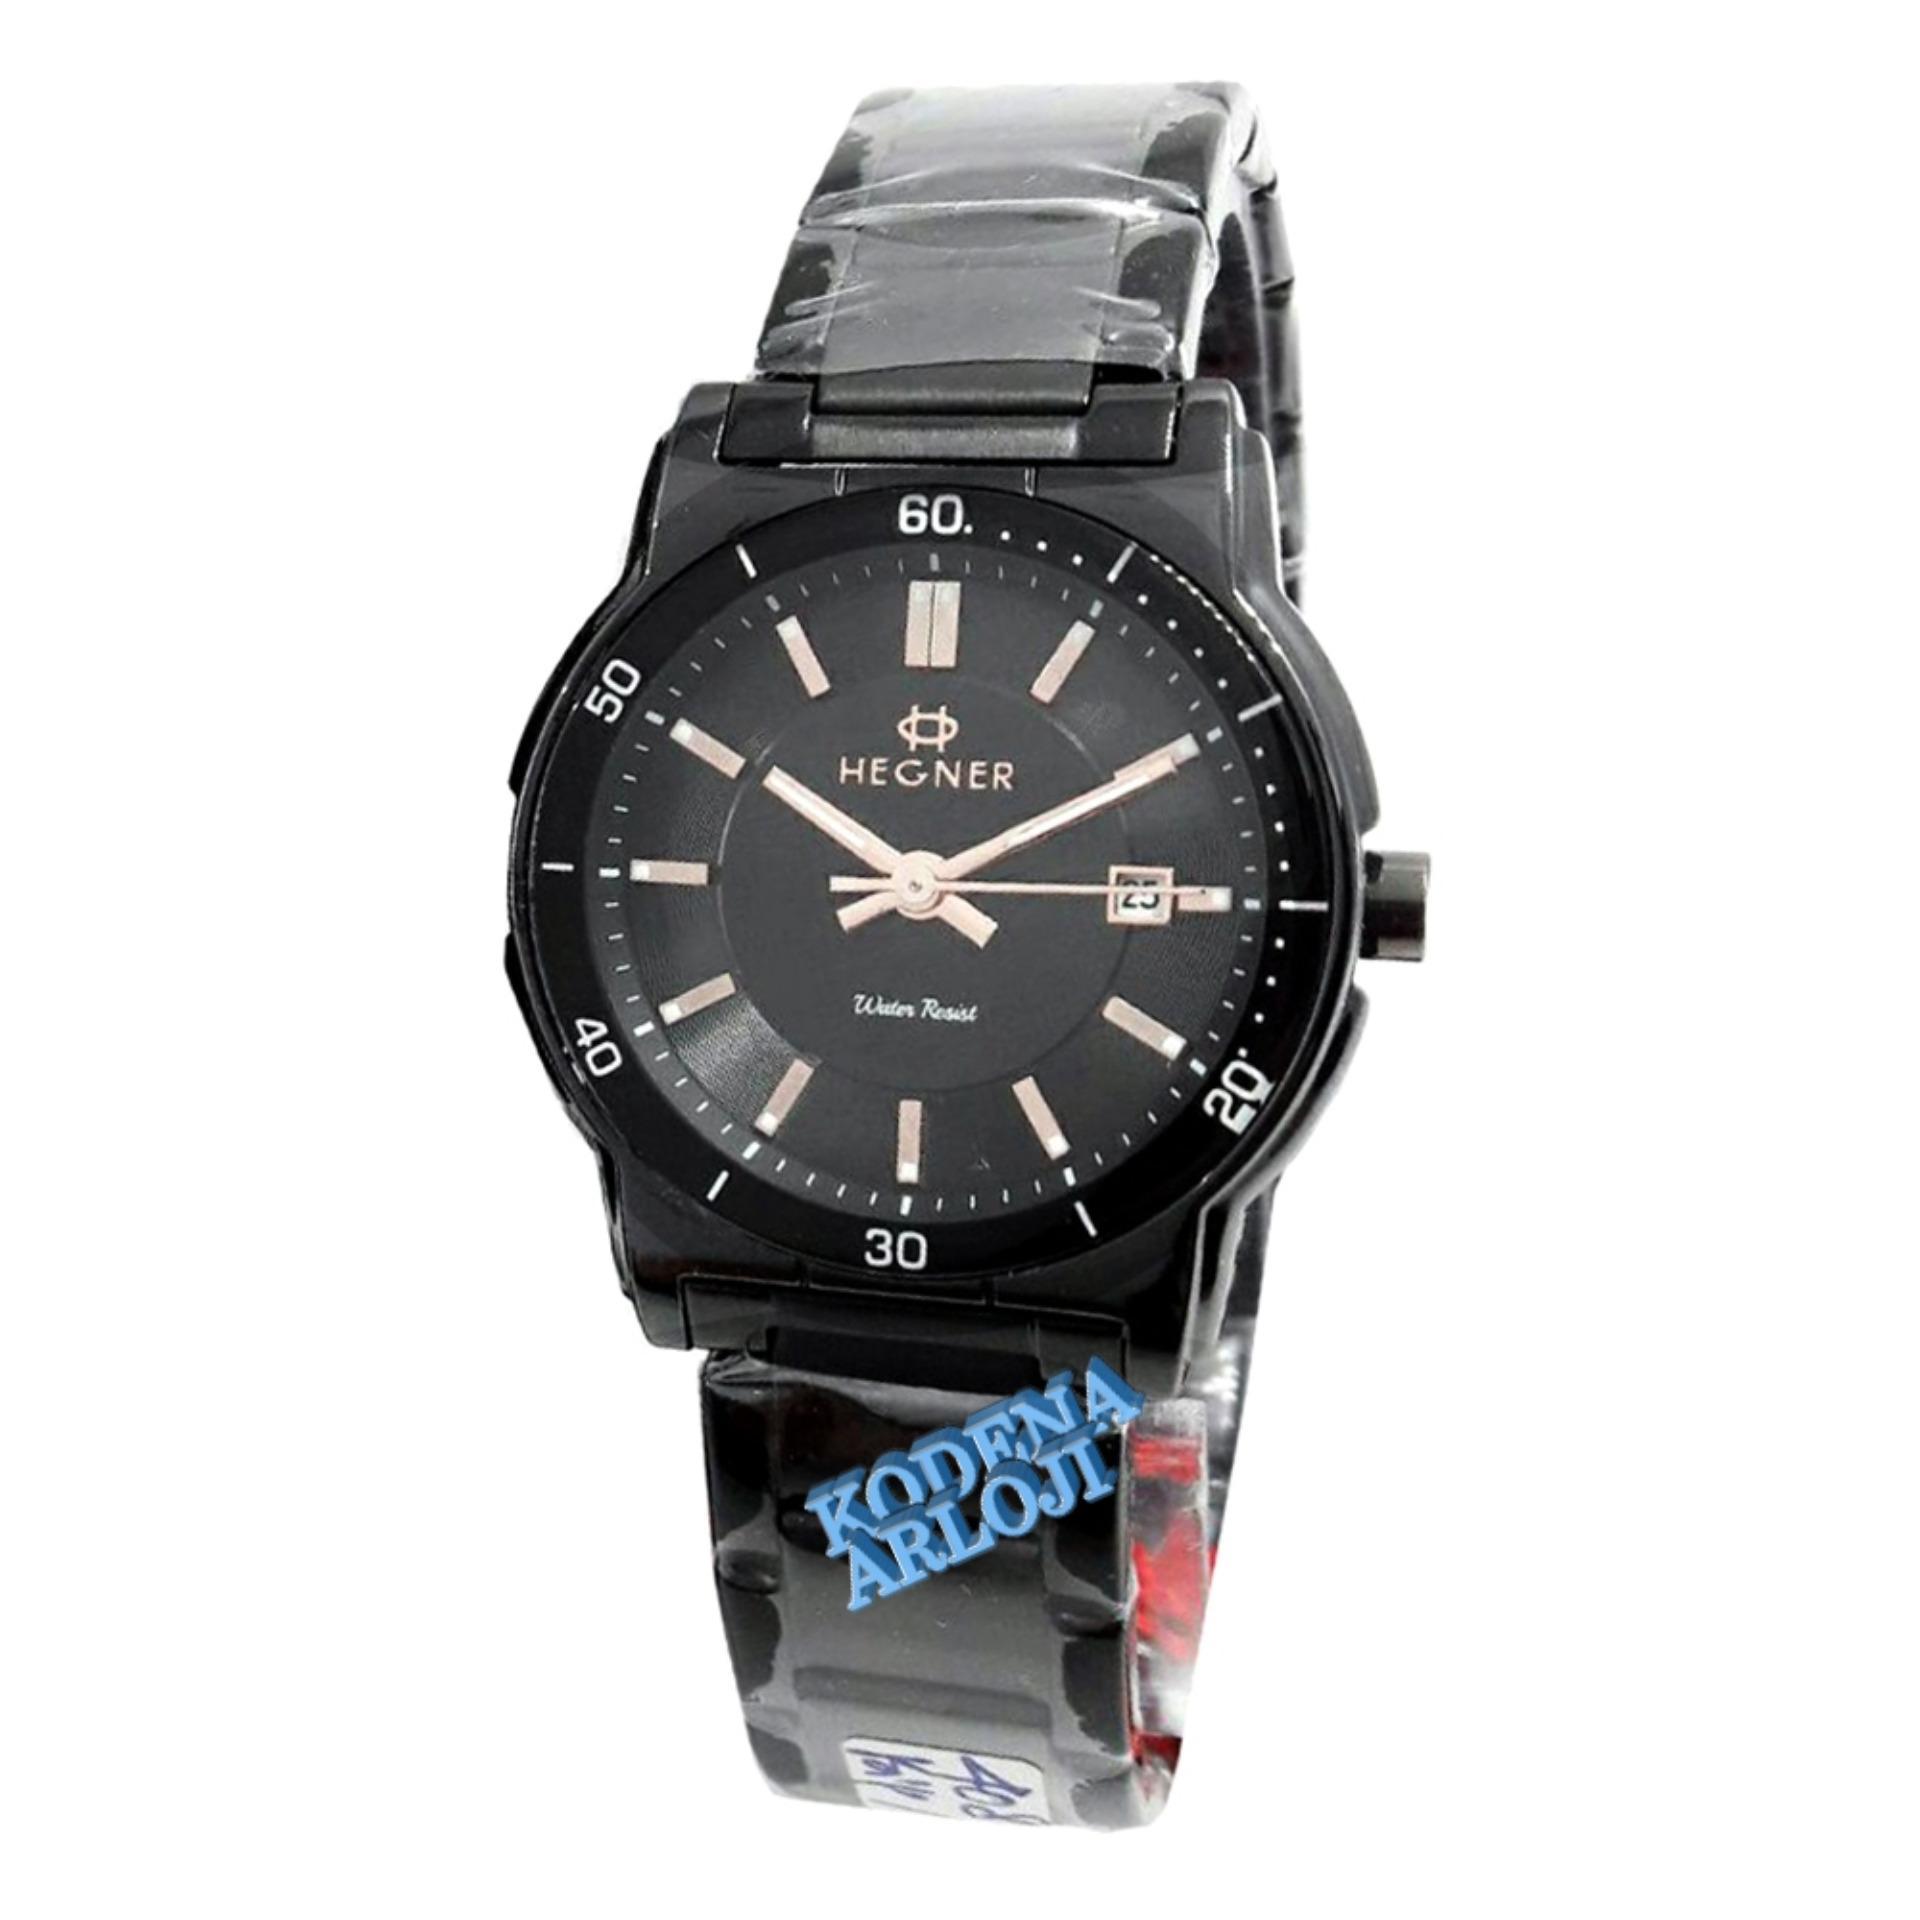 ... Hegner- H408L - Jam Tangan wanita- Stainless Steel - hitam putih ...